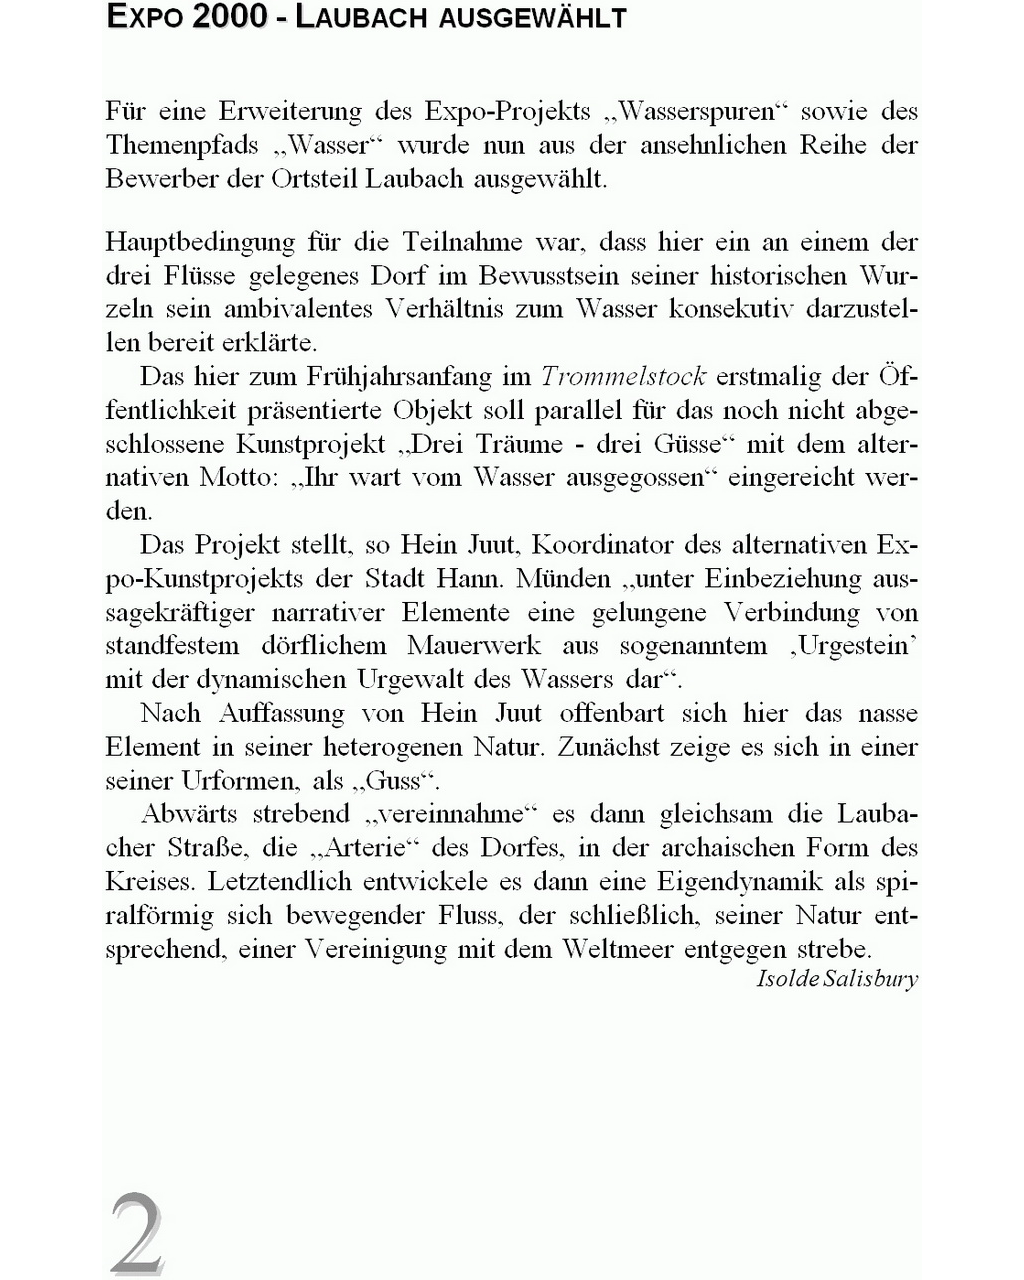 Laubacher-Trommelstock-Titelseite-005a